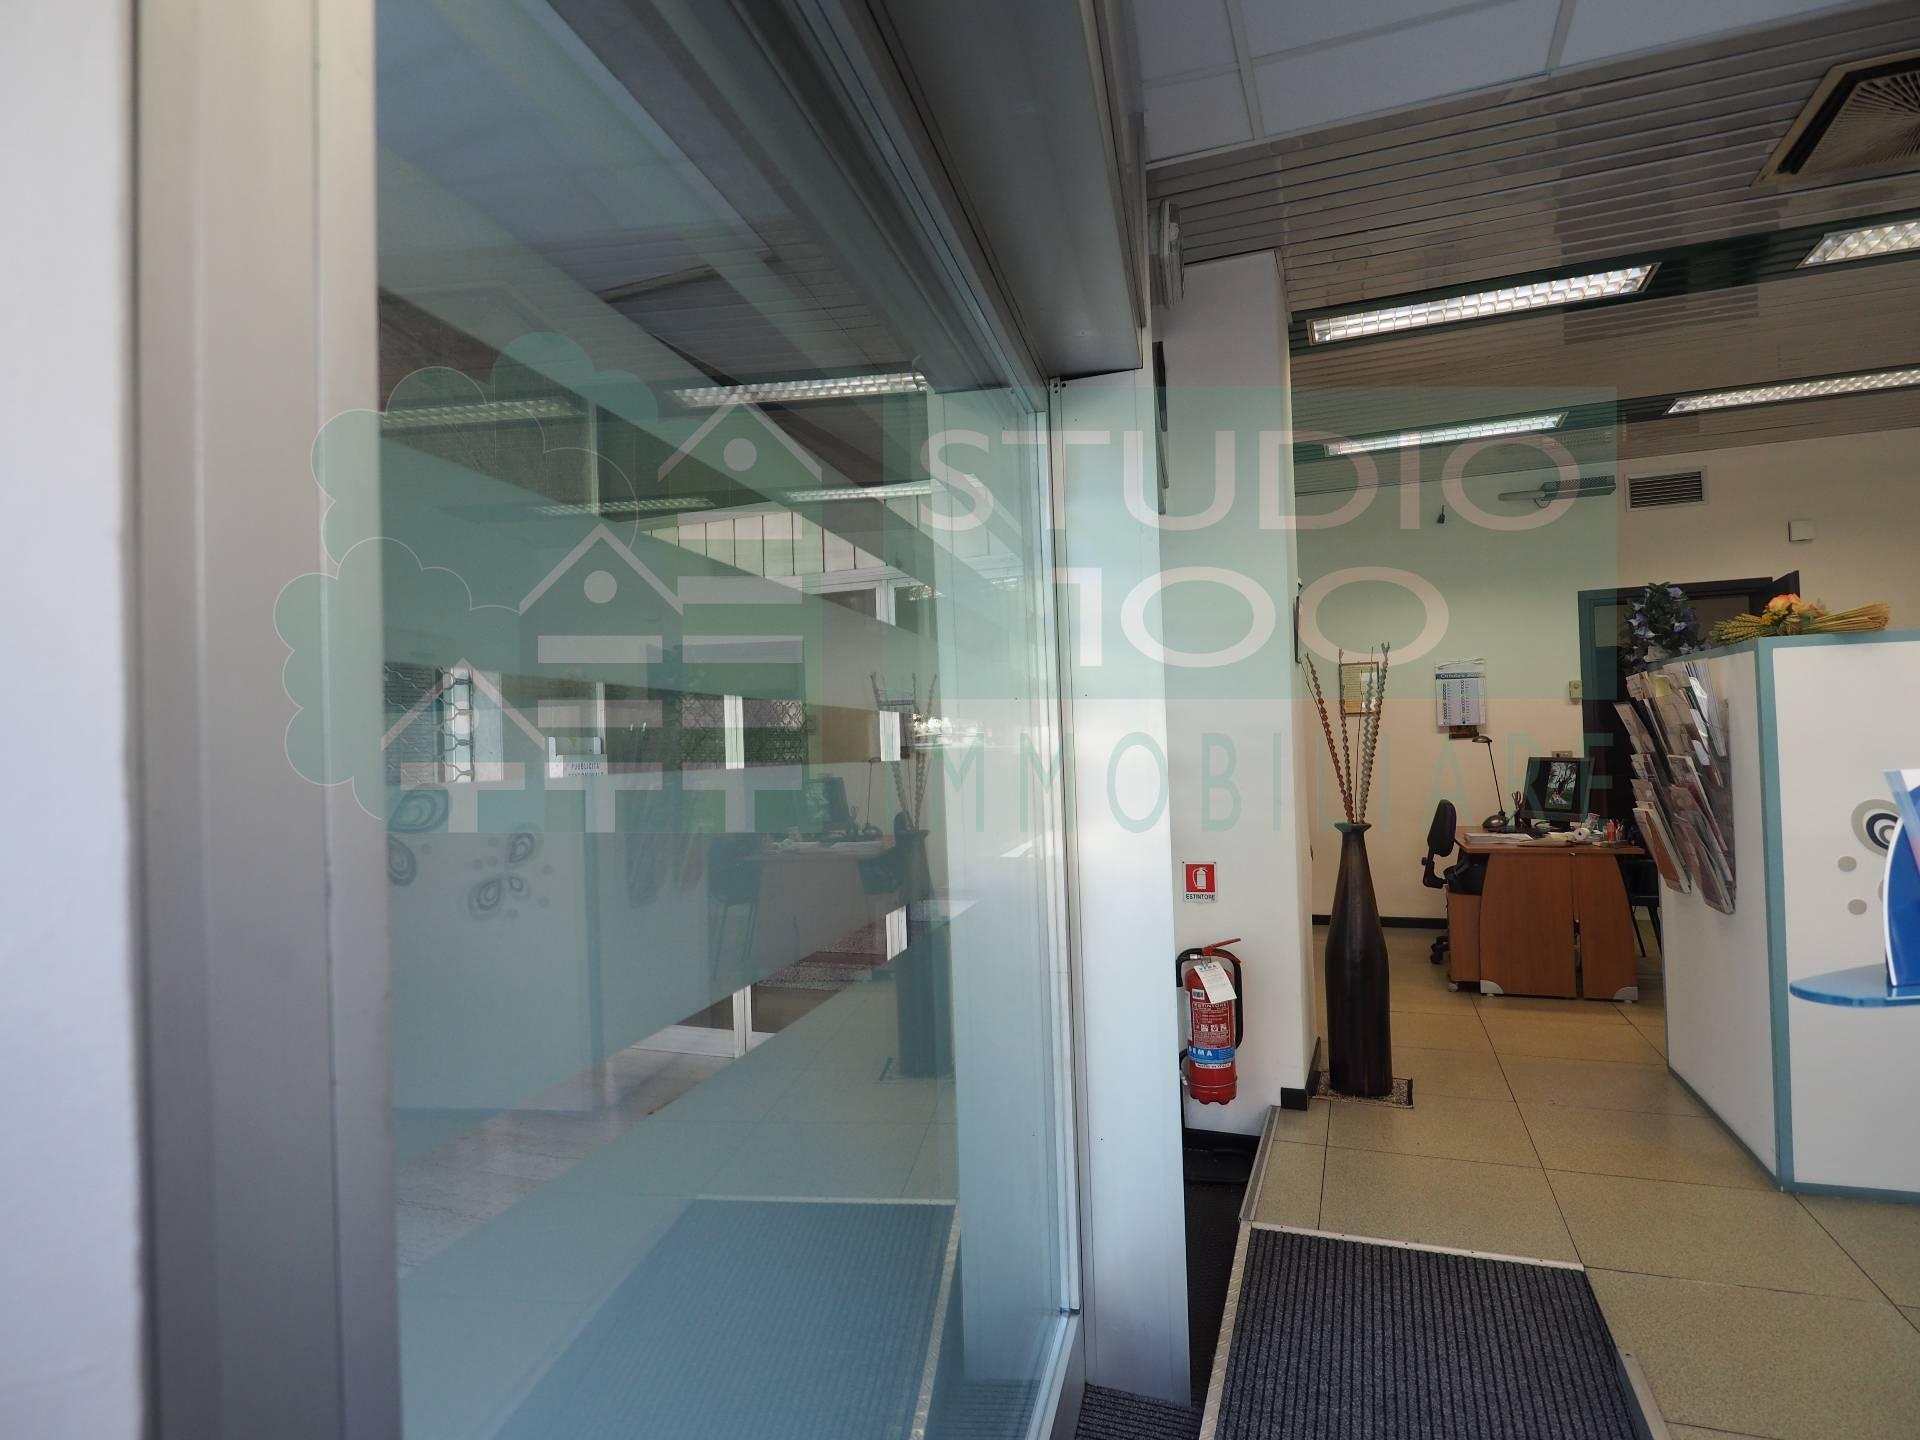 Attività / Licenza in vendita a Casorate Sempione, 9999 locali, prezzo € 45.000 | CambioCasa.it